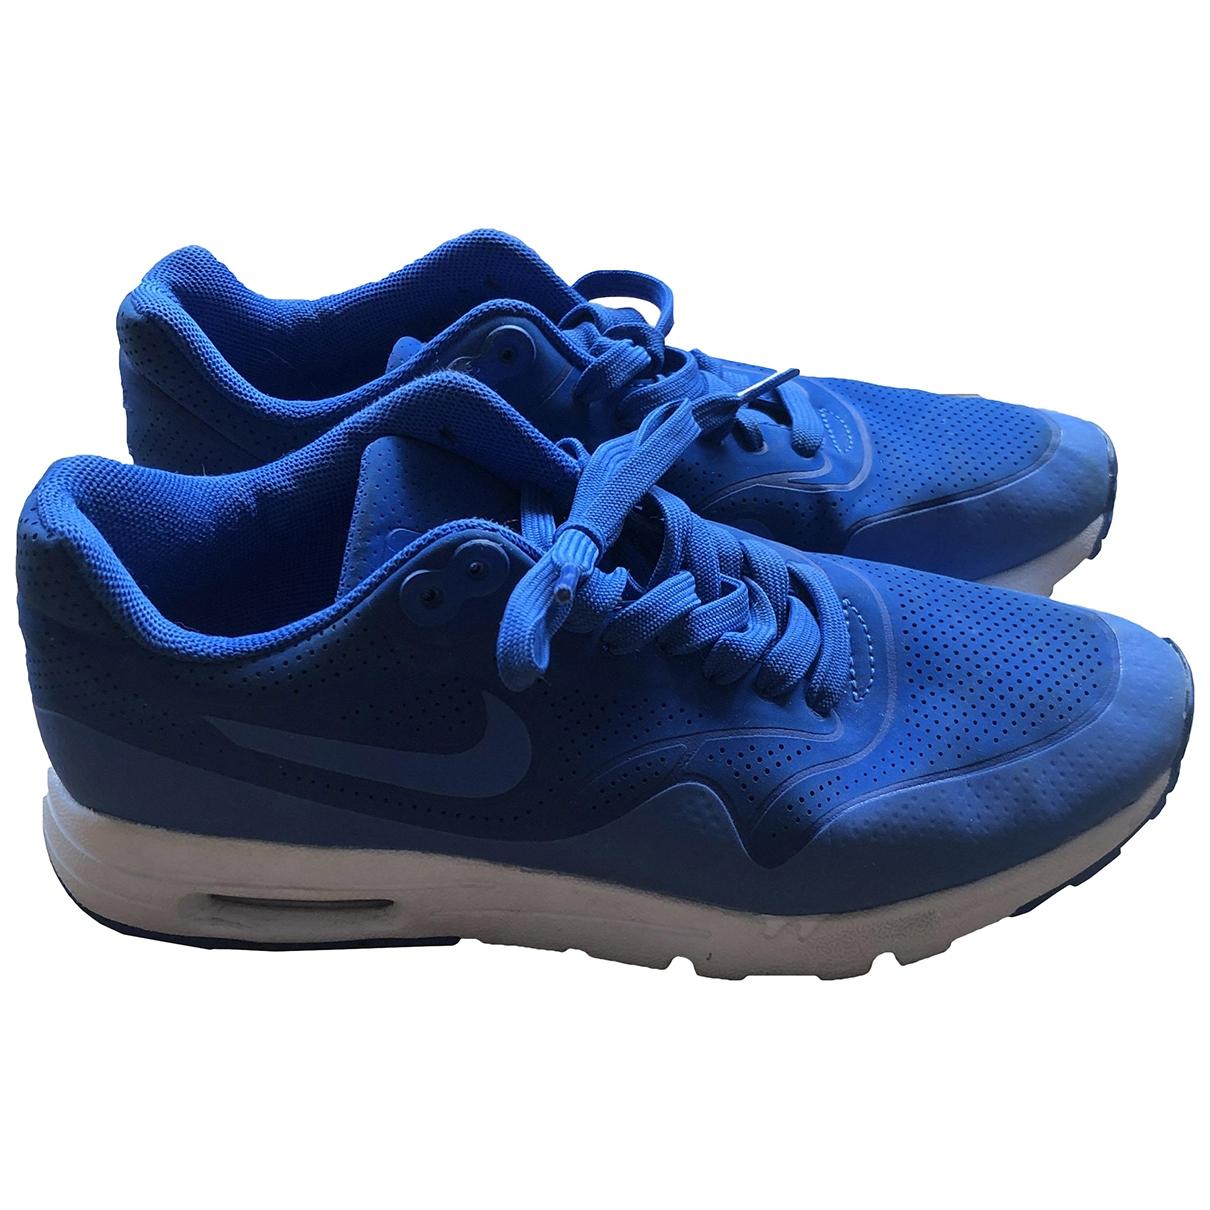 Nike Air Max 1 Sneakers in  Blau Leder